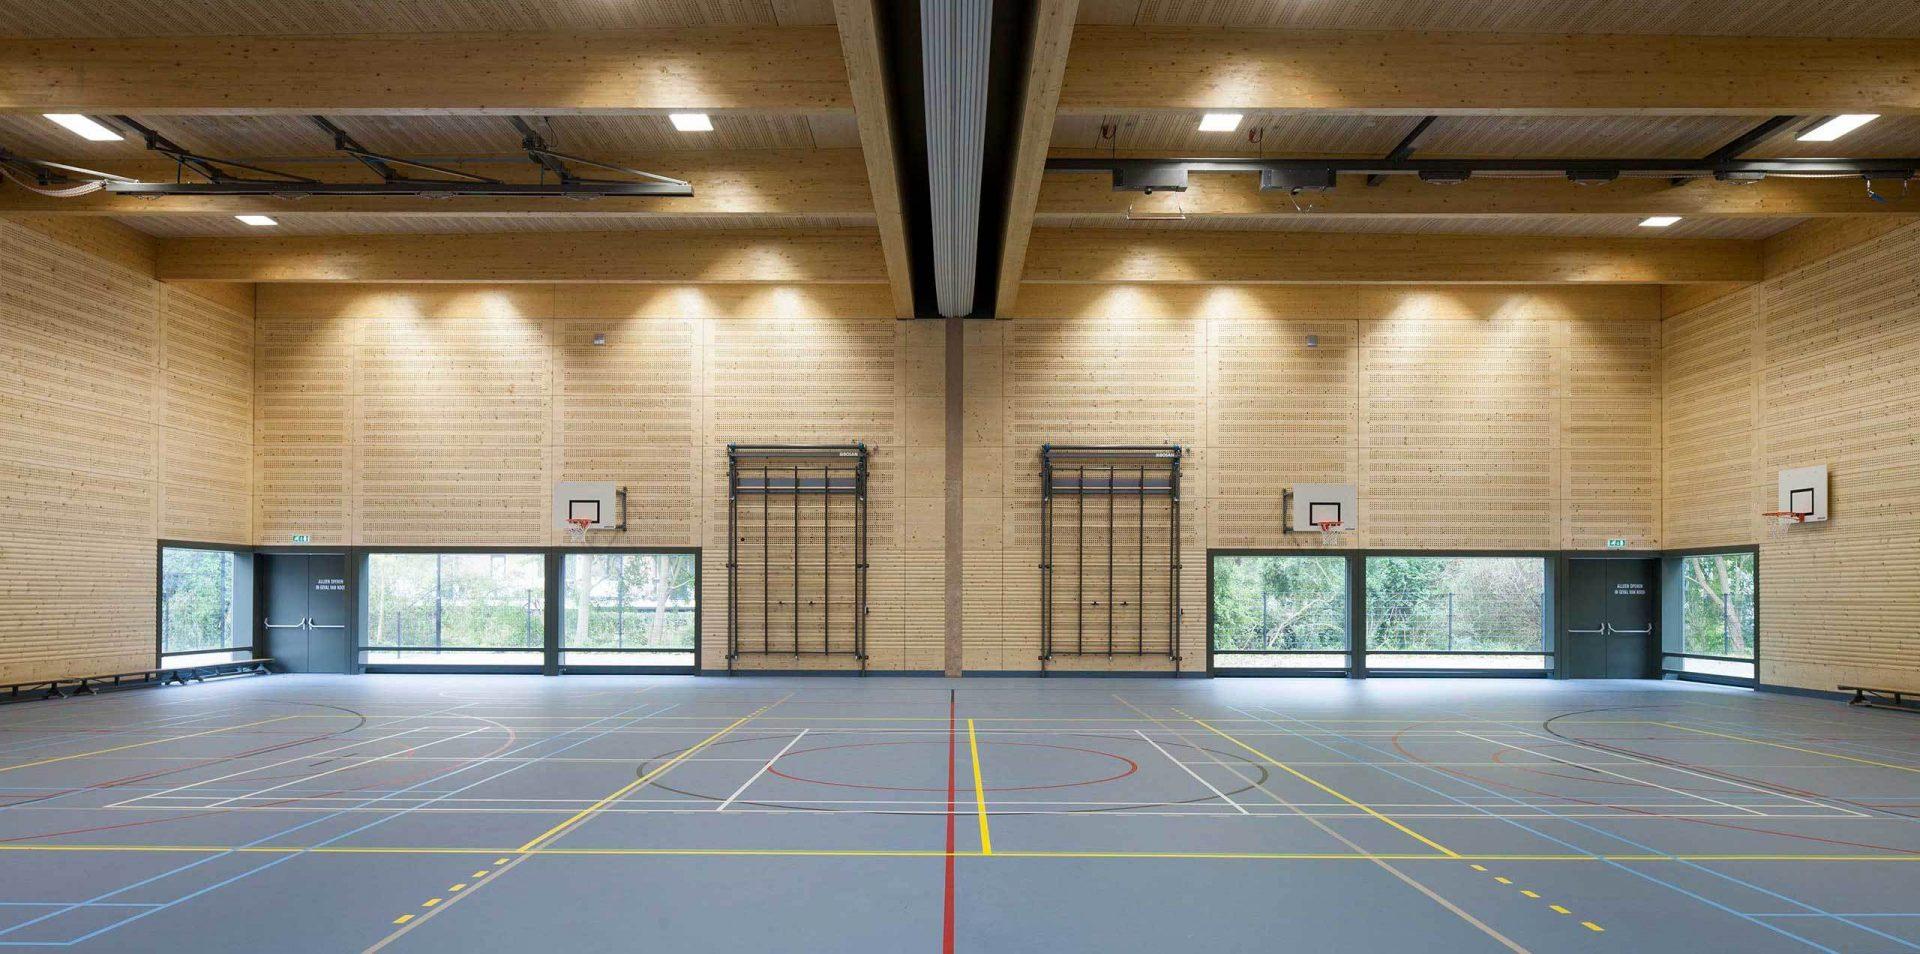 Aj Schreuderschool Gym 1